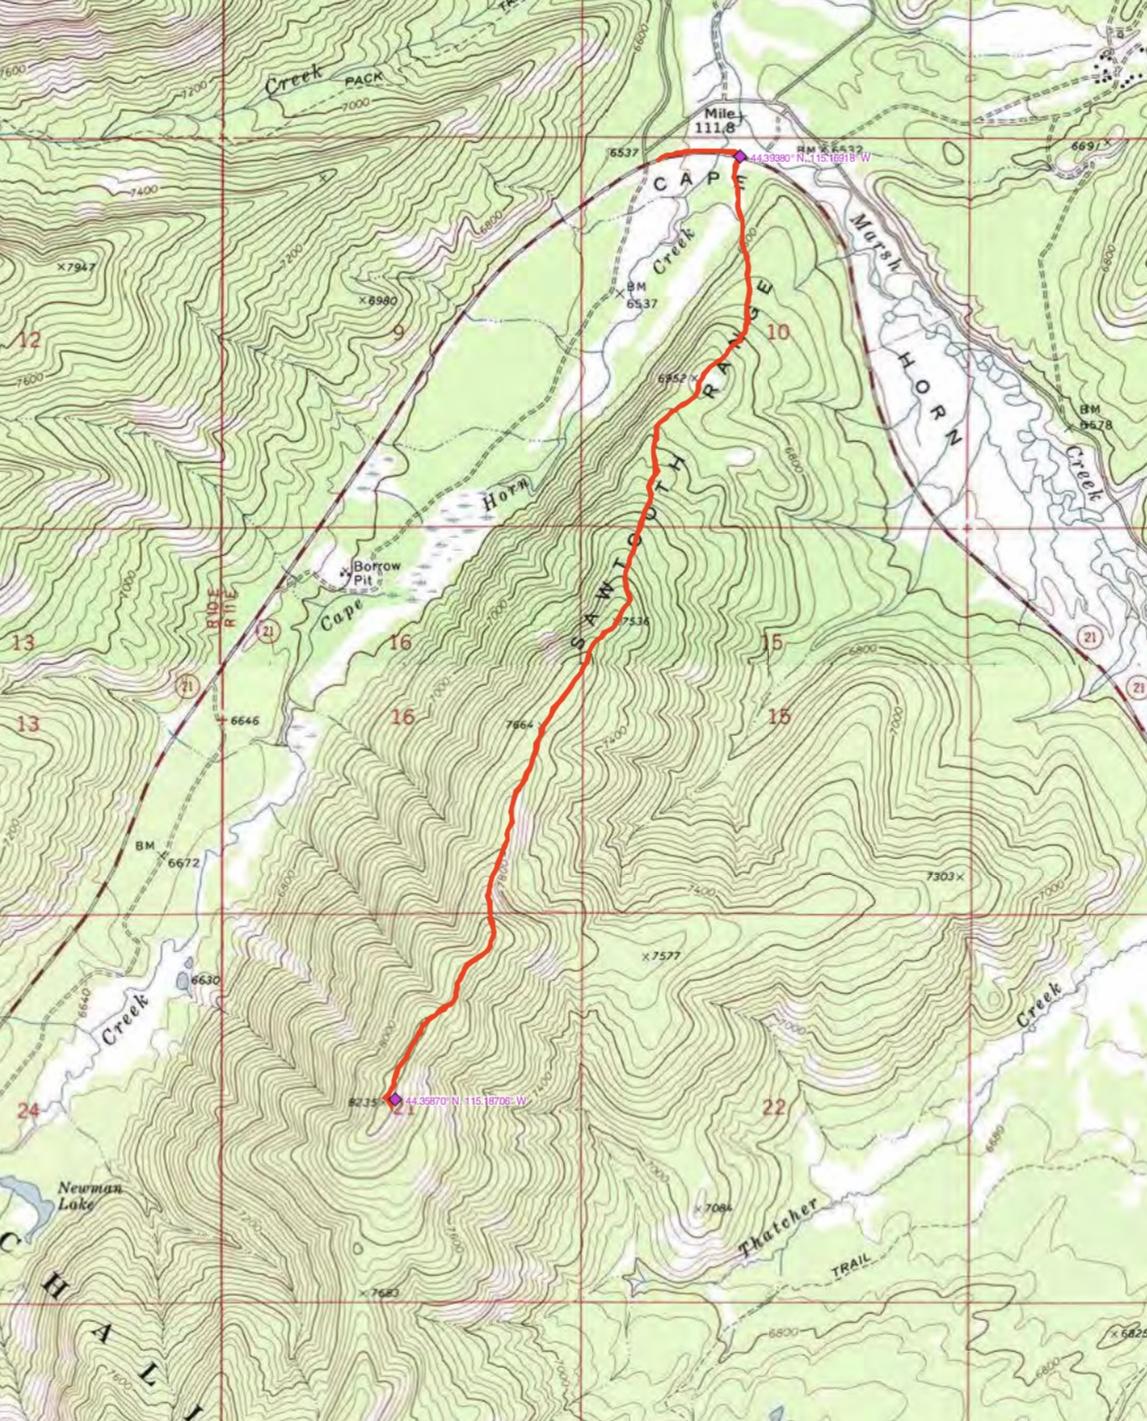 John Platt's GPS track for the ascent up Thatcher Peak.